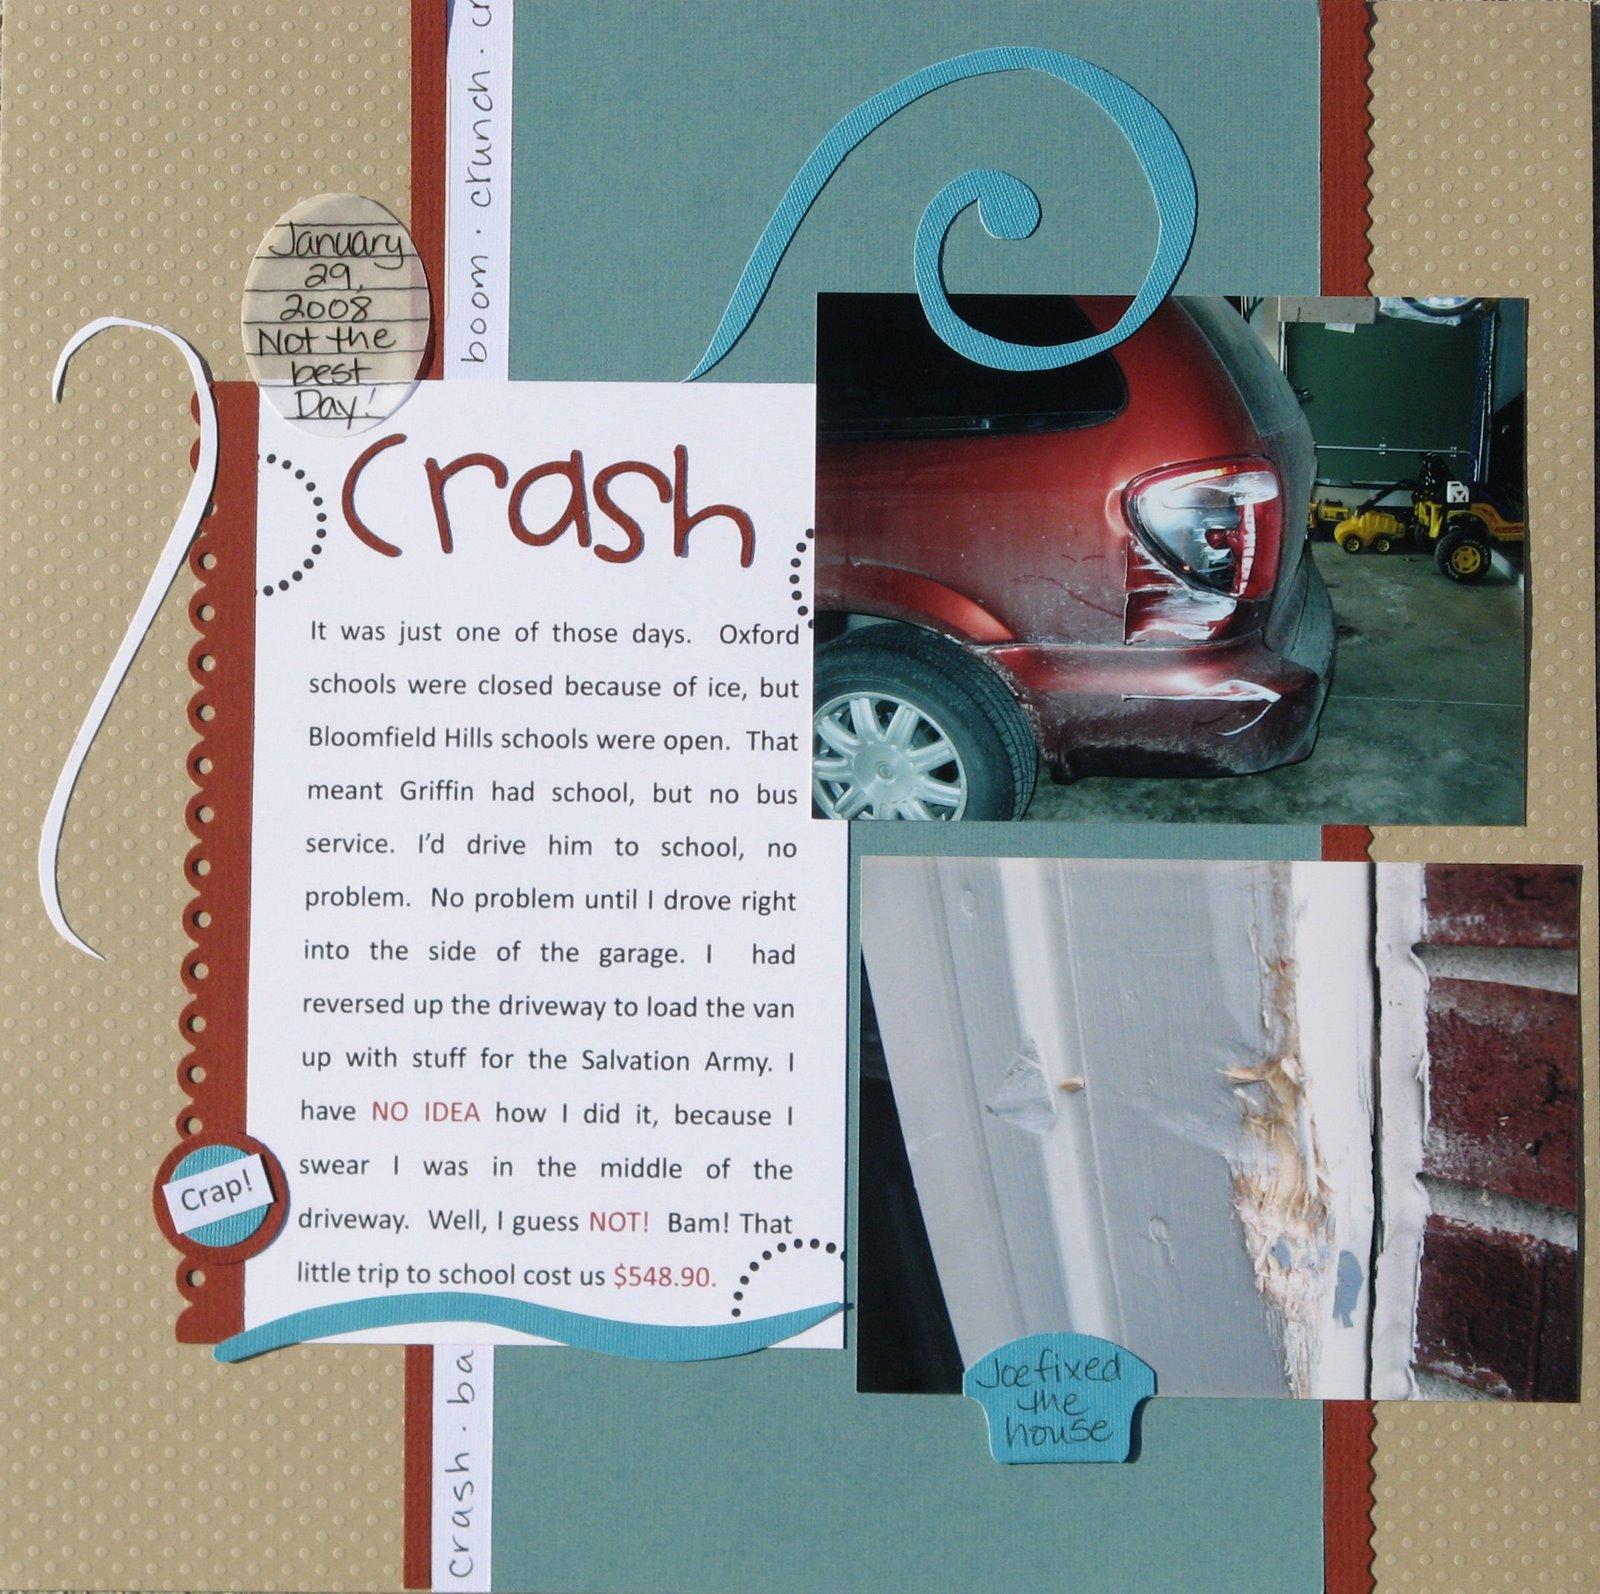 [Crash.jpg]